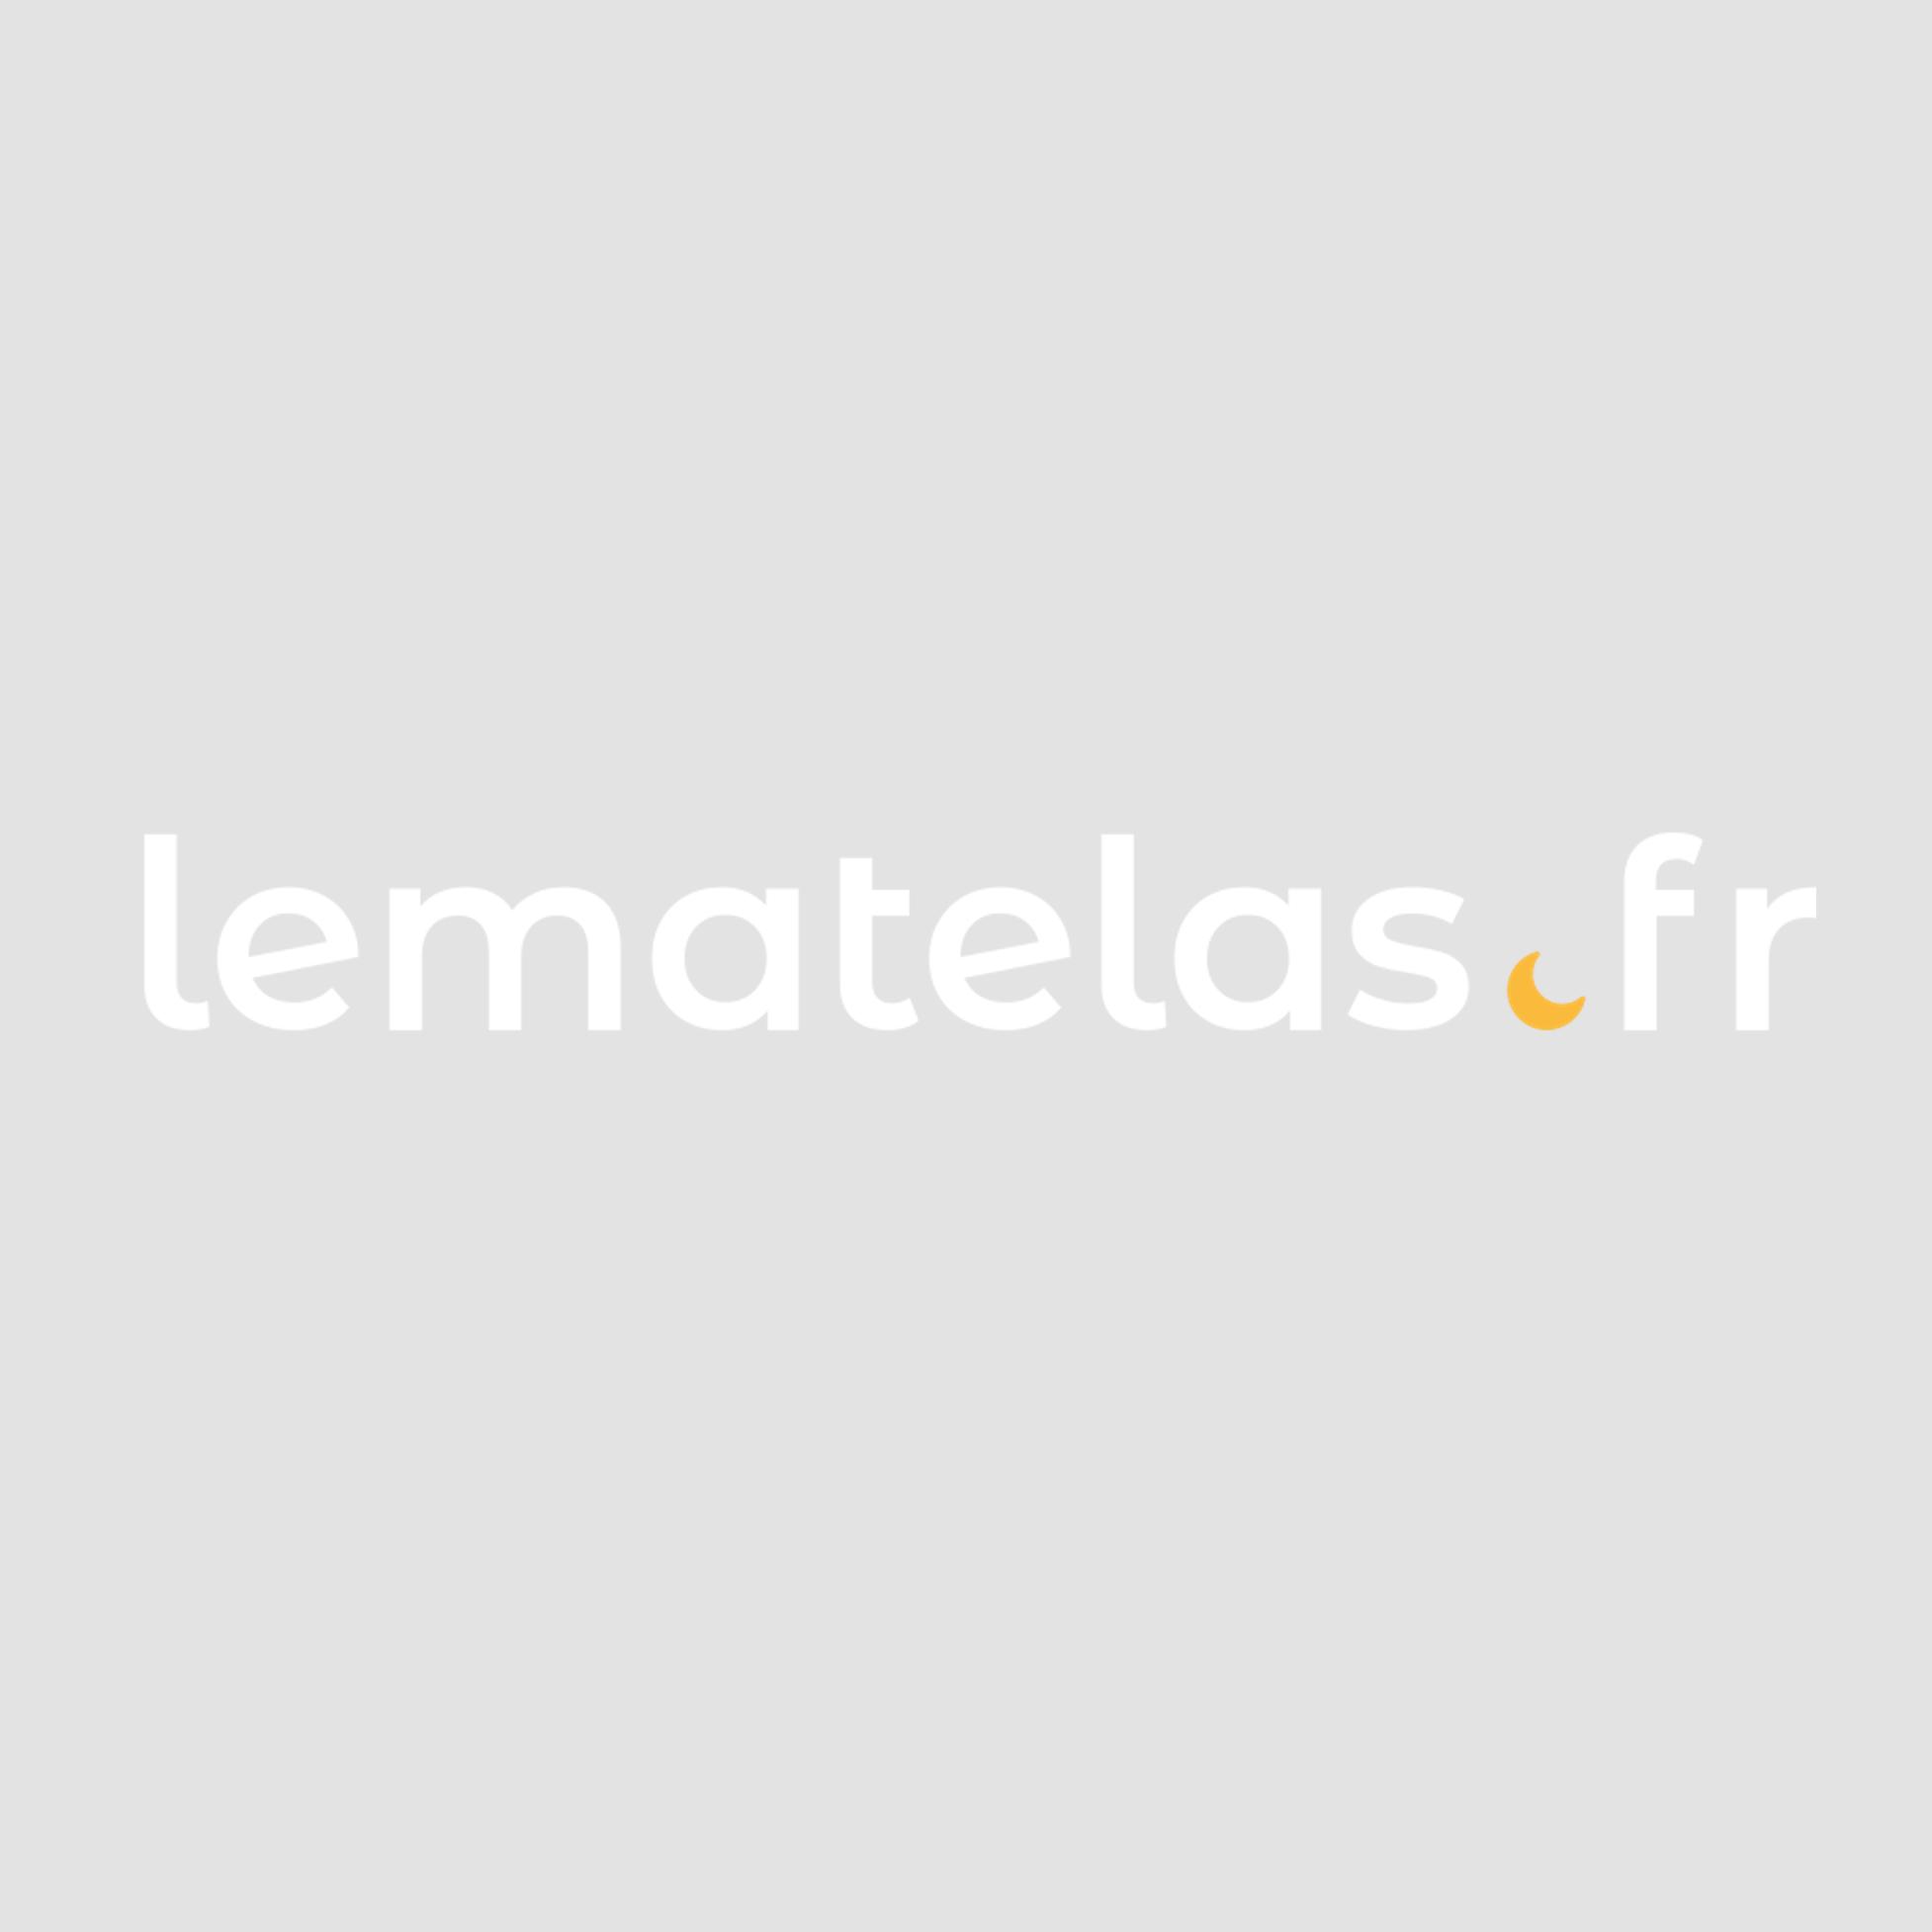 Bureau en bois blanc à tréteaux métalliques - BU0006